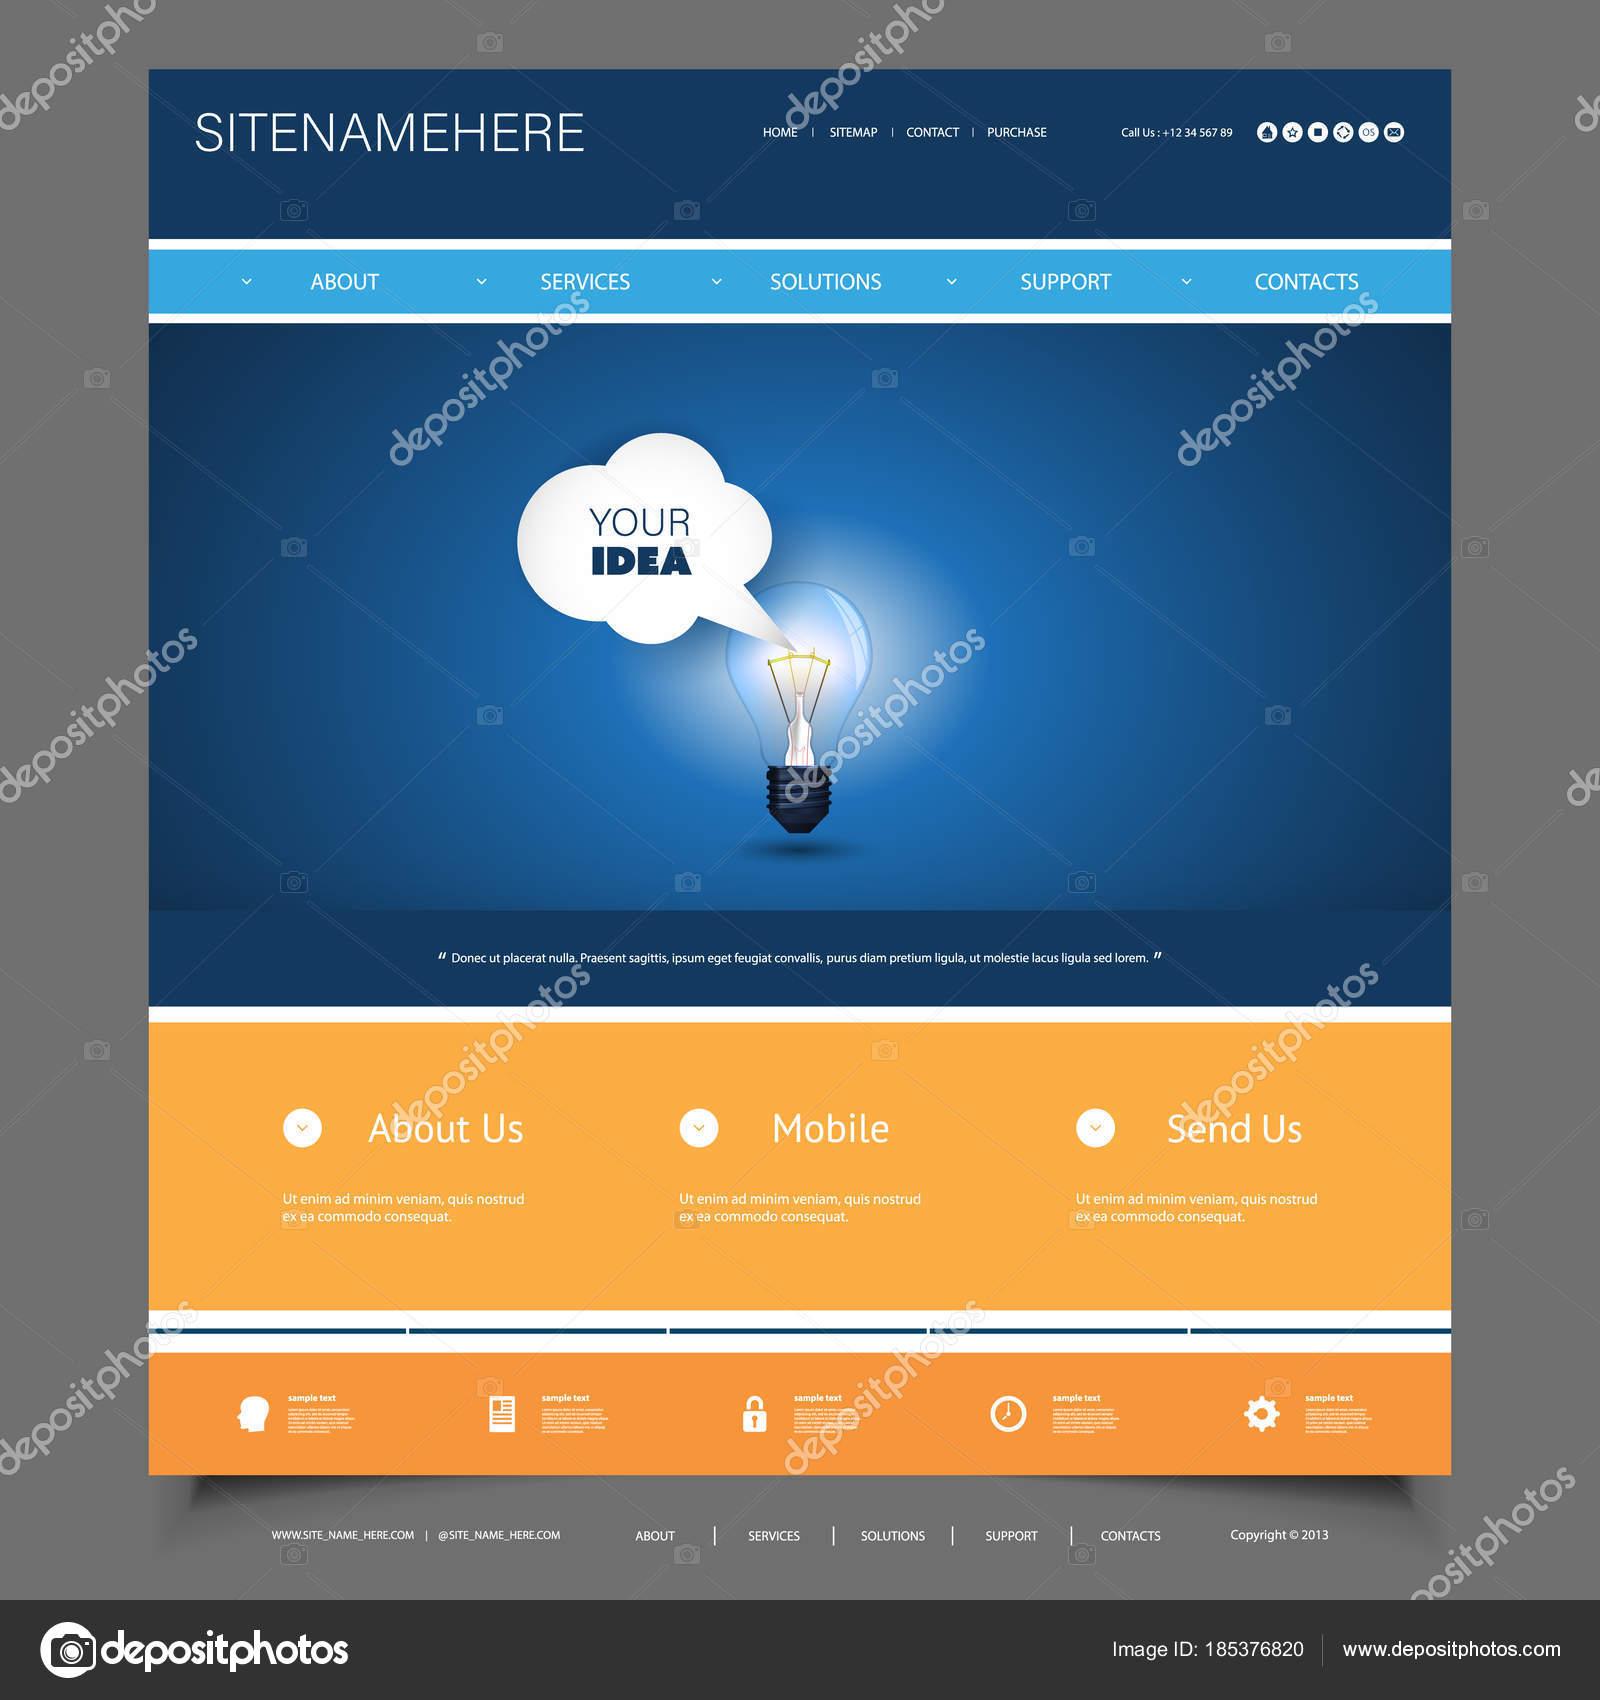 Идеи бизнес с сайта образец бизнес плана консалтинговой